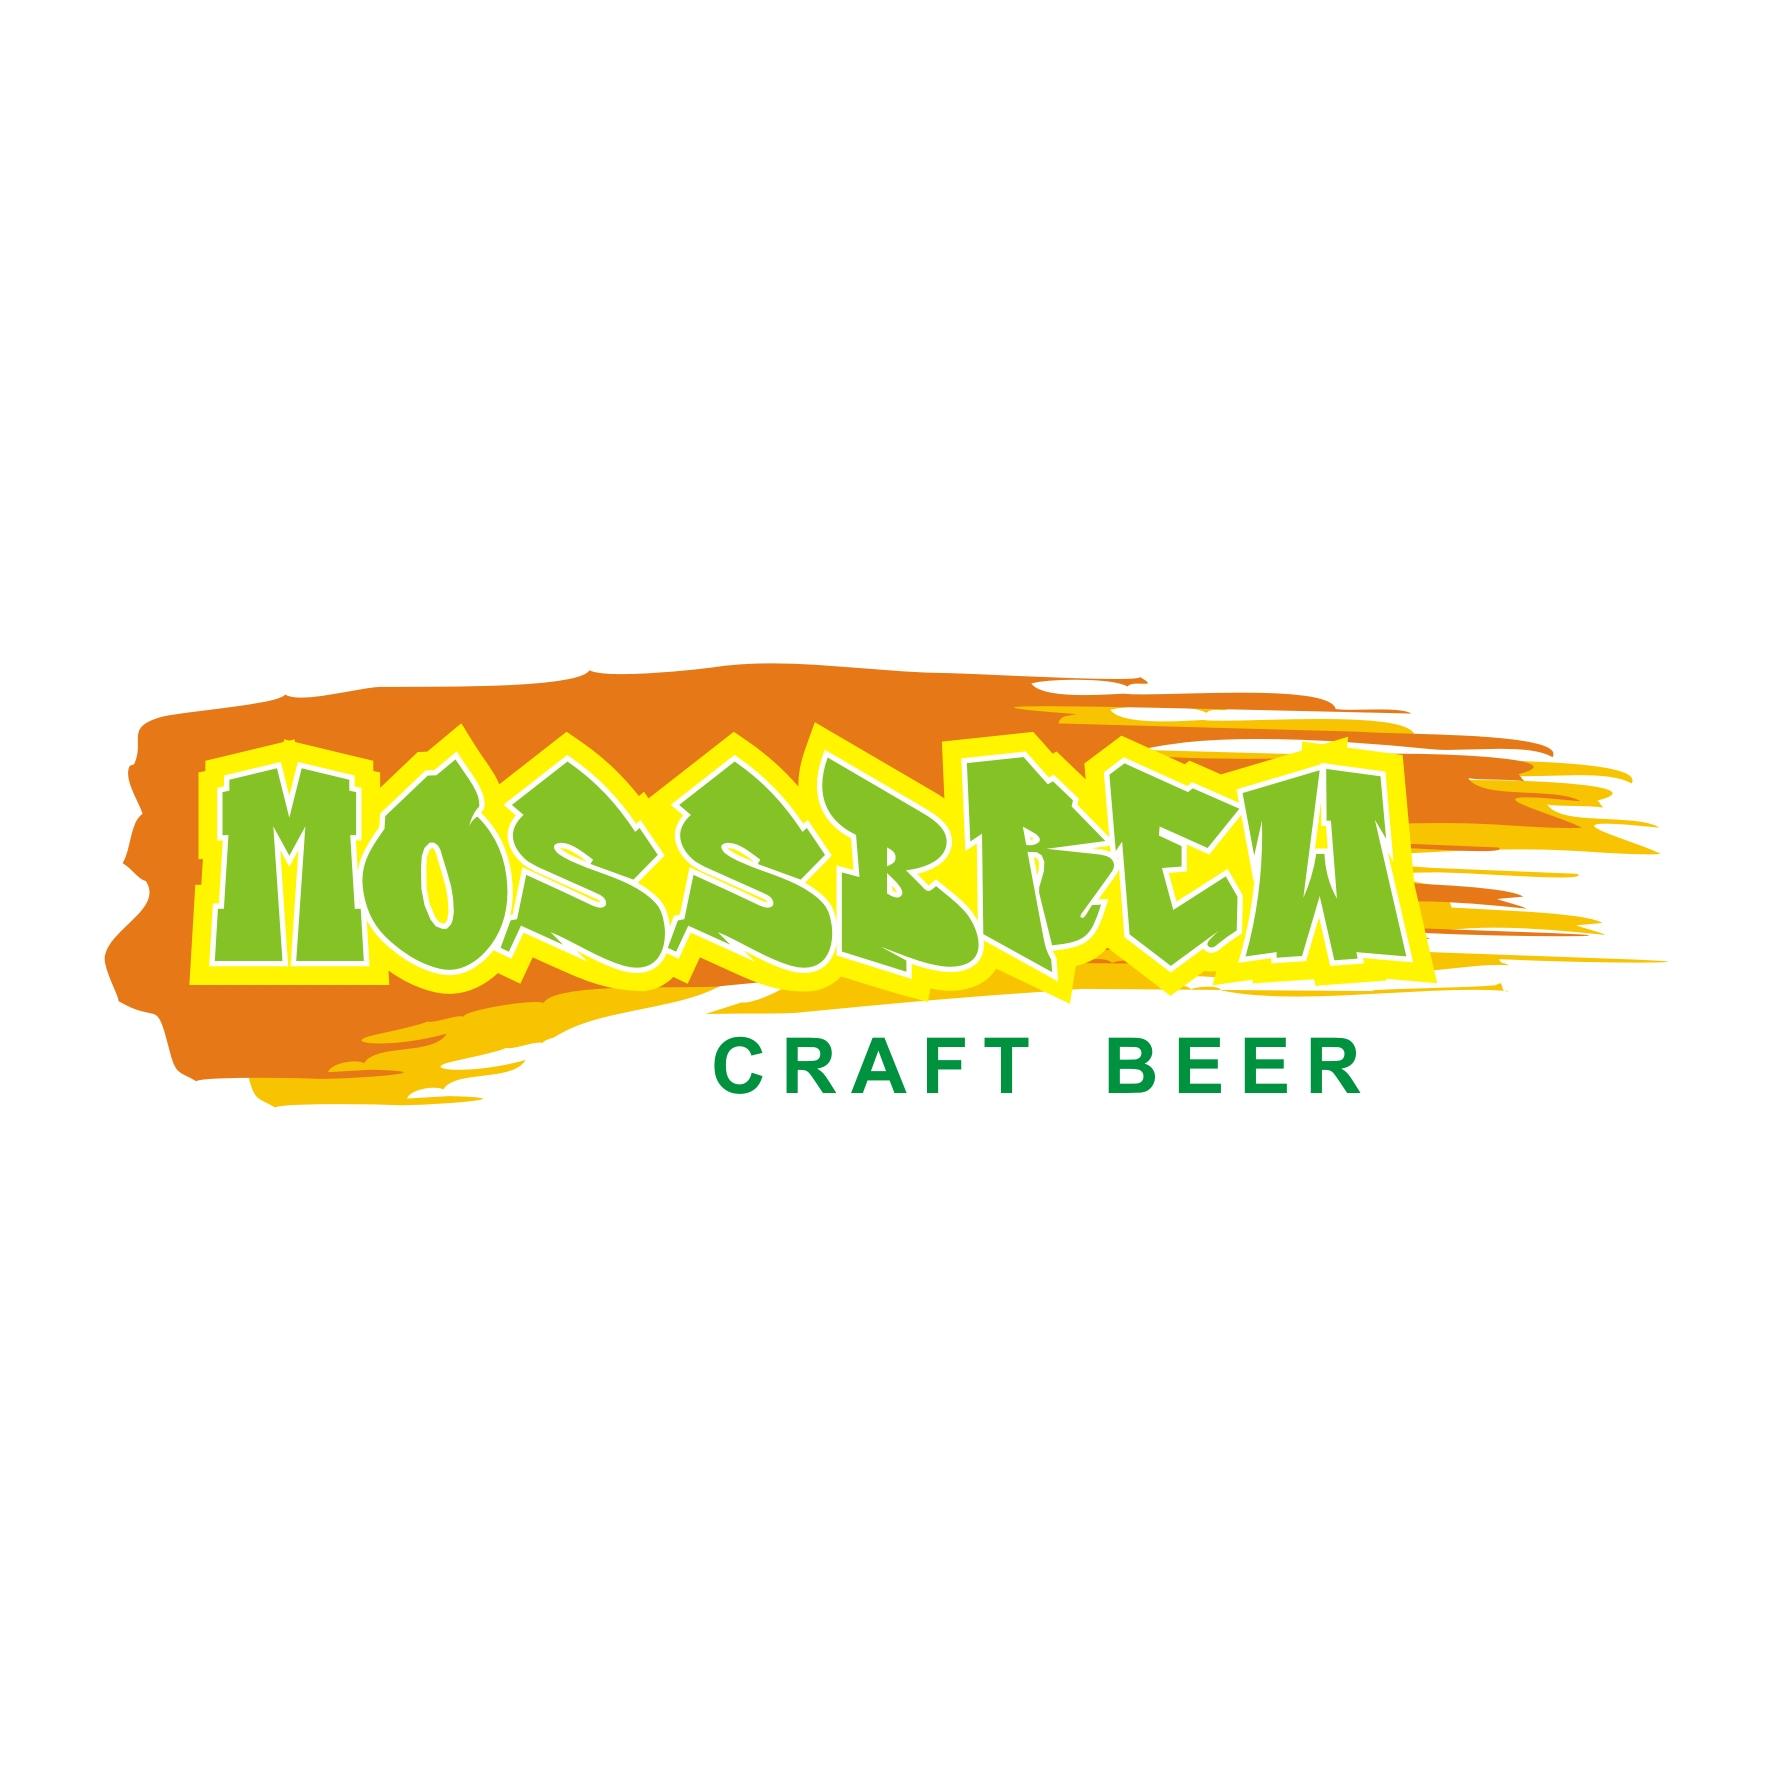 Логотип для пивоварни фото f_6125989bd499bdf5.jpg